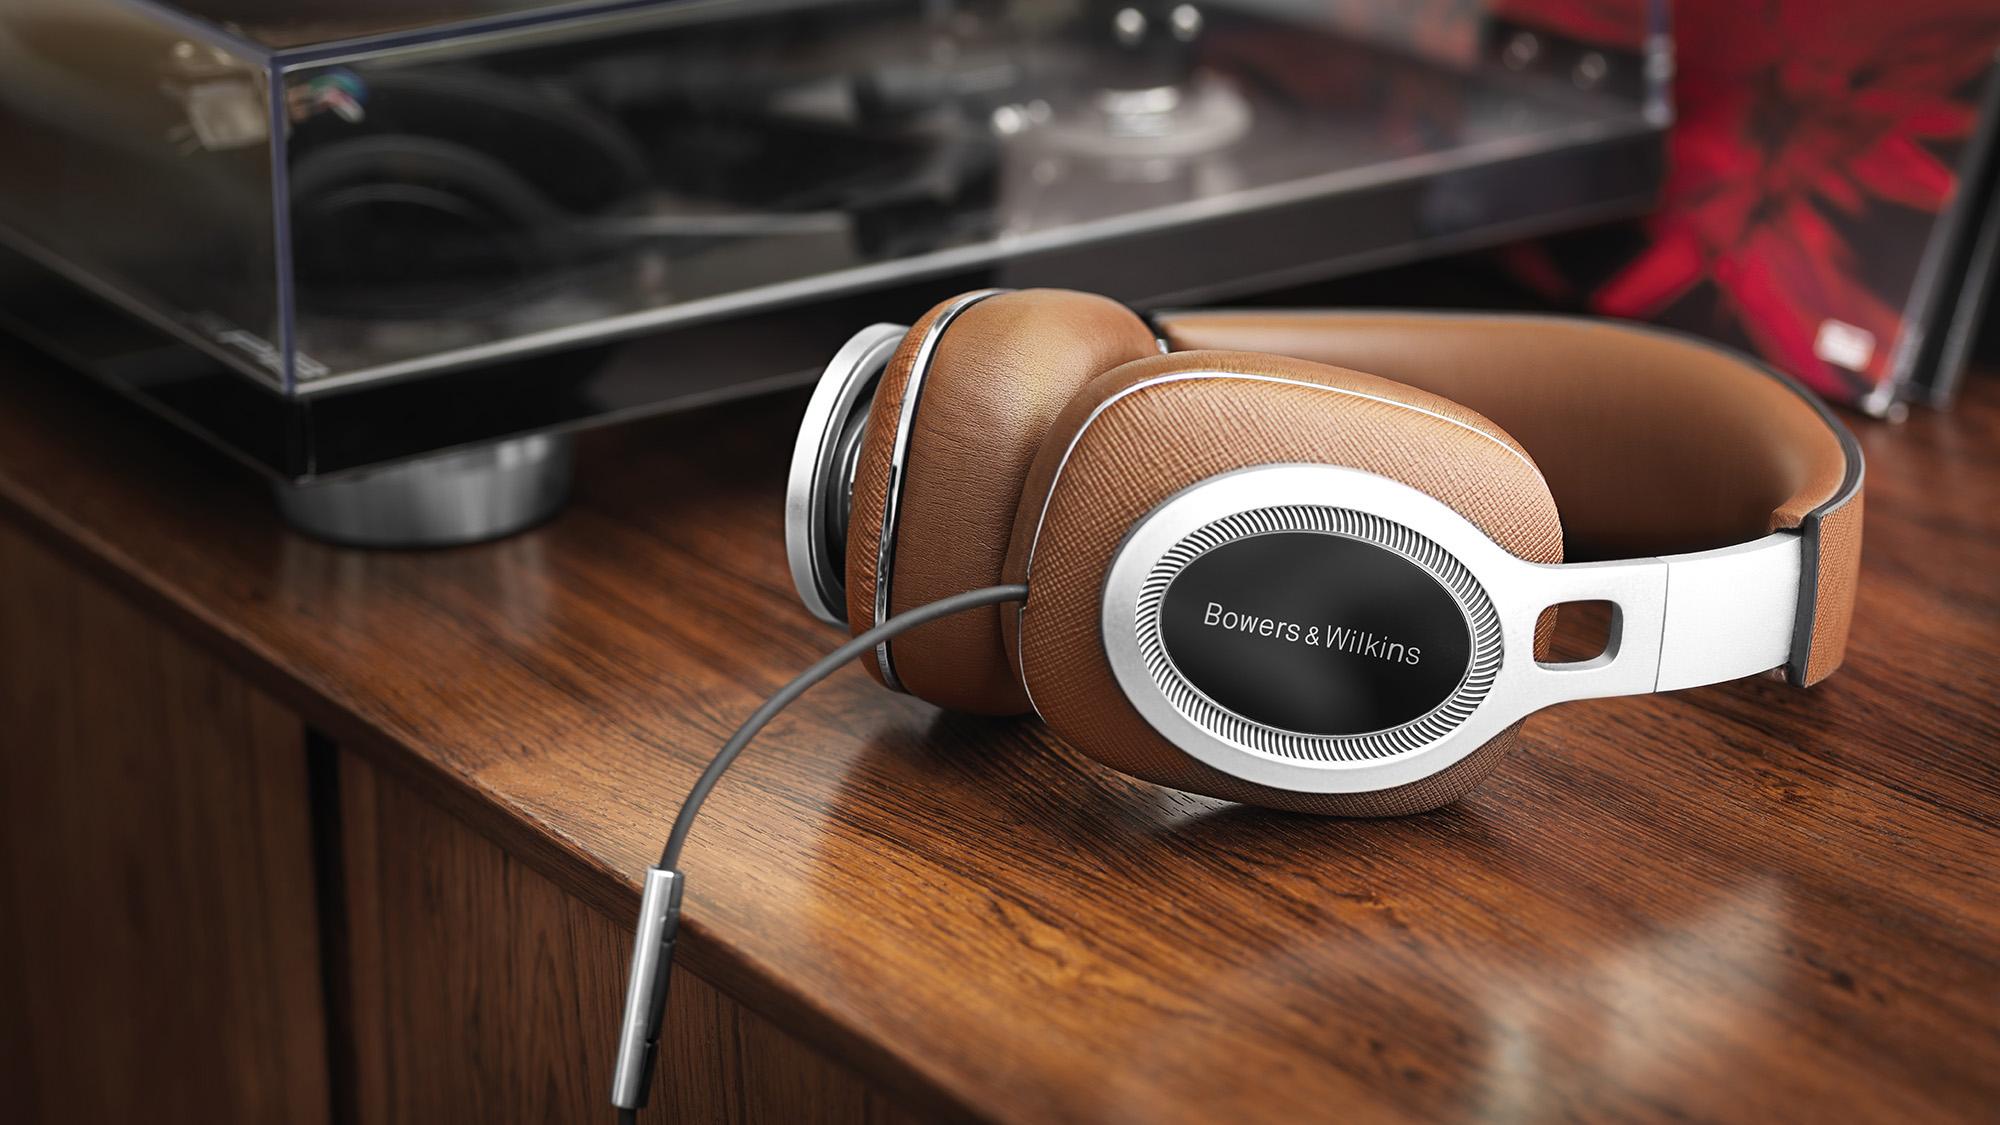 ▷ Los mejores auriculares para colocar sobre las orejas 2019: las latas más cómodas y con mejor sonido 9